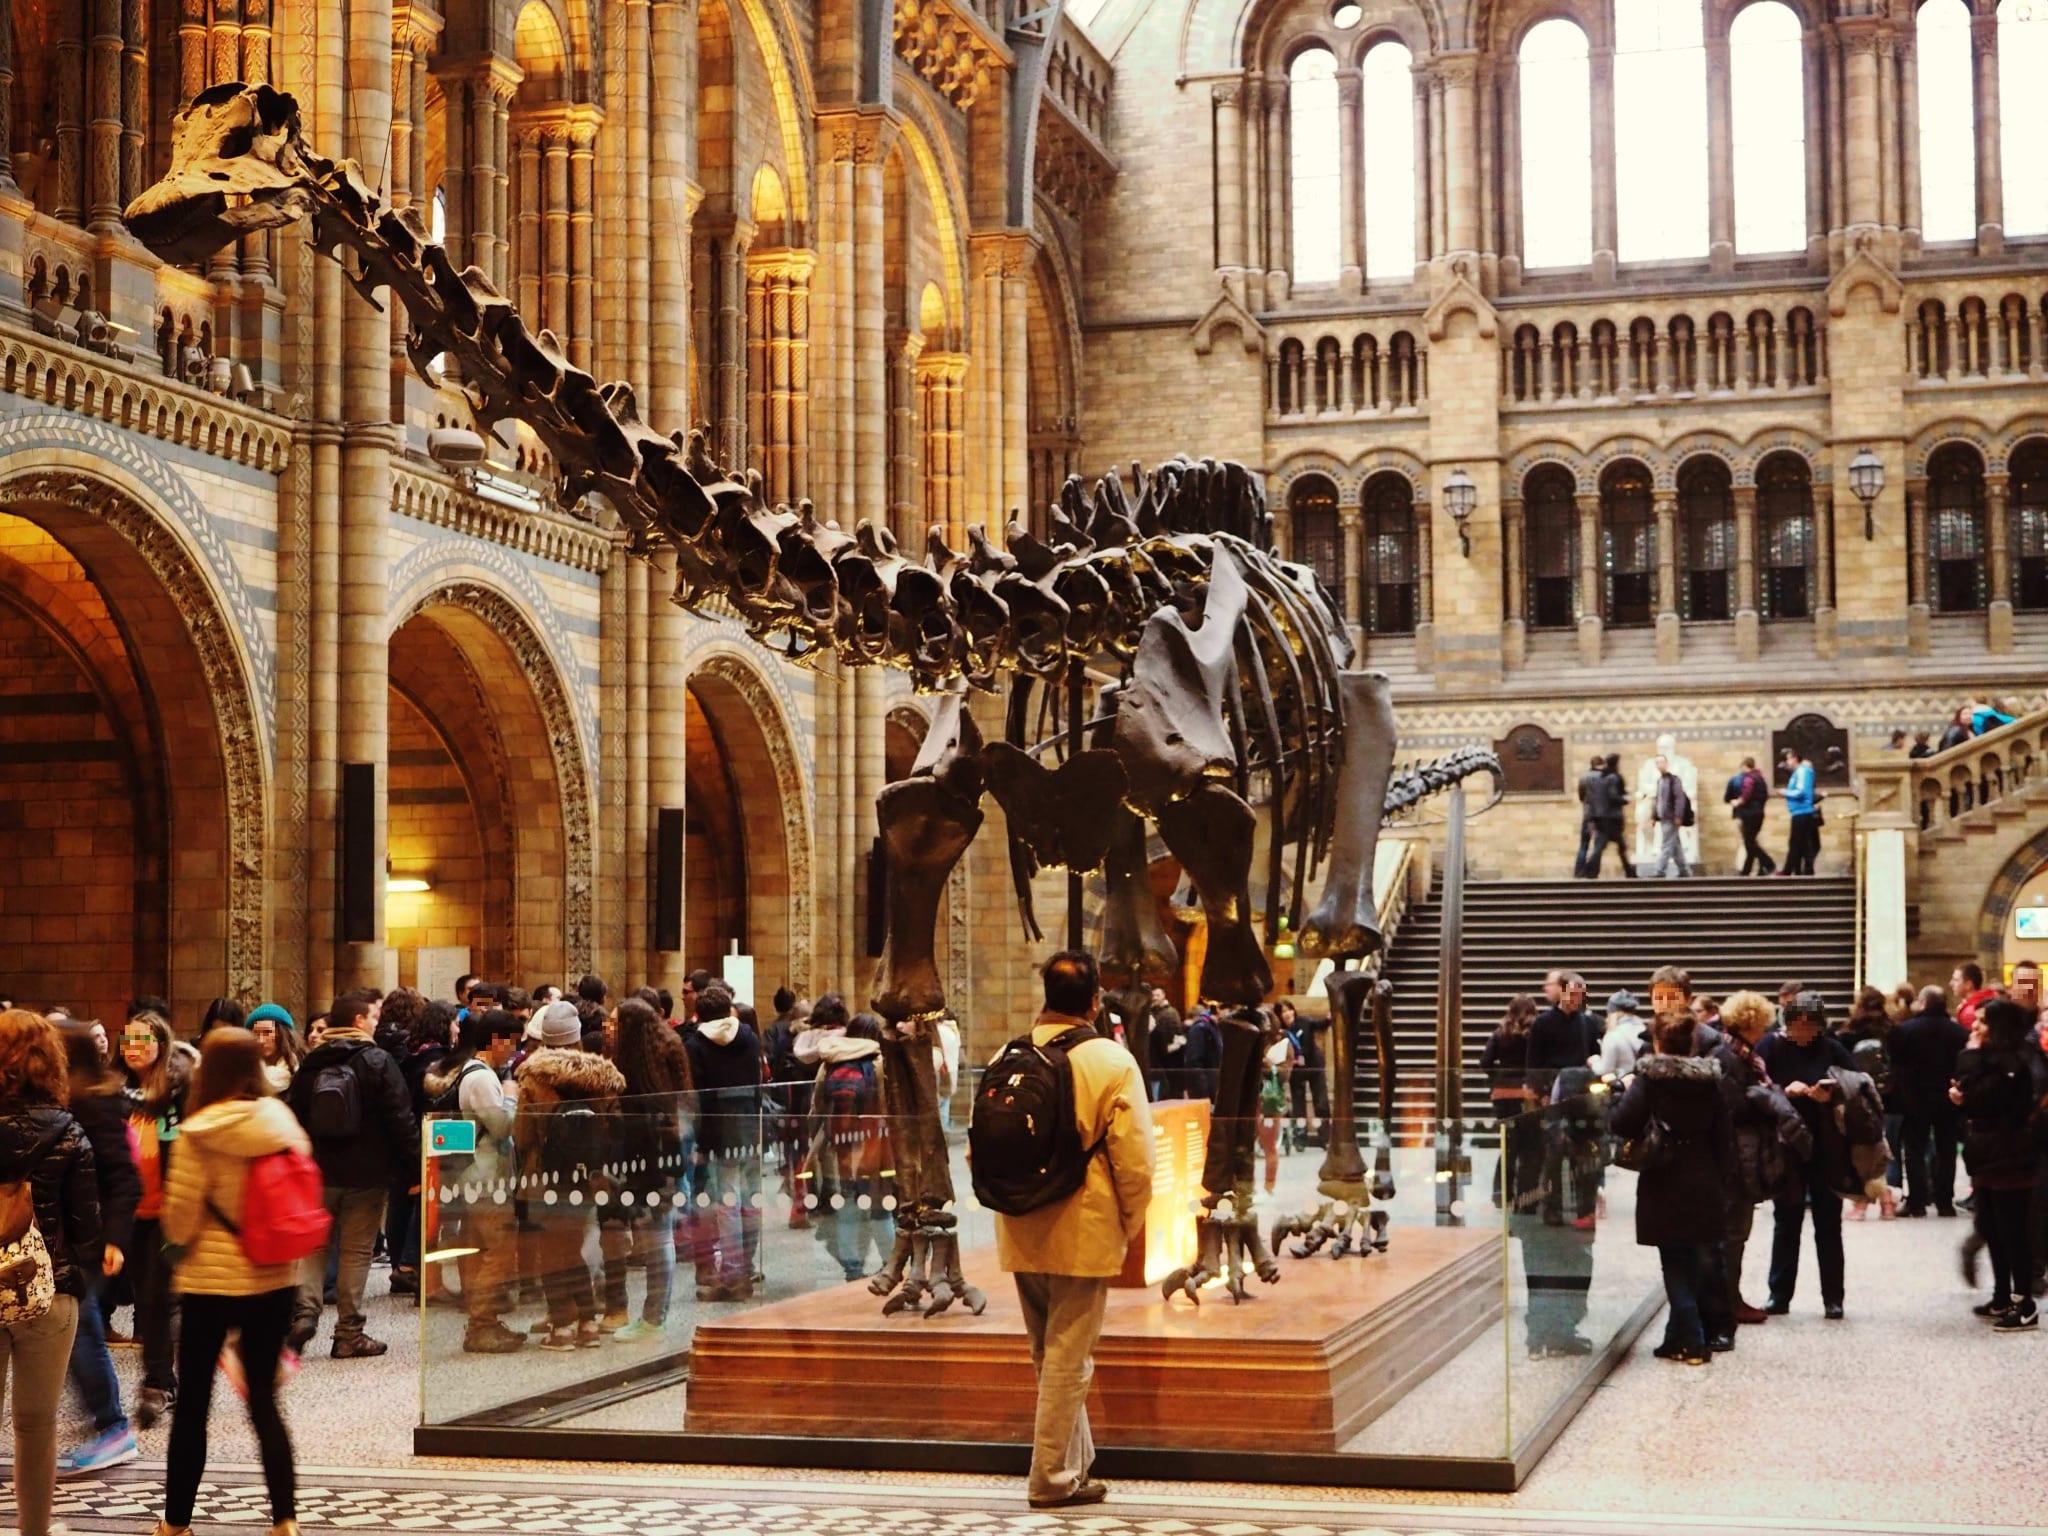 Ganz schön groß, die Dinosaurier.